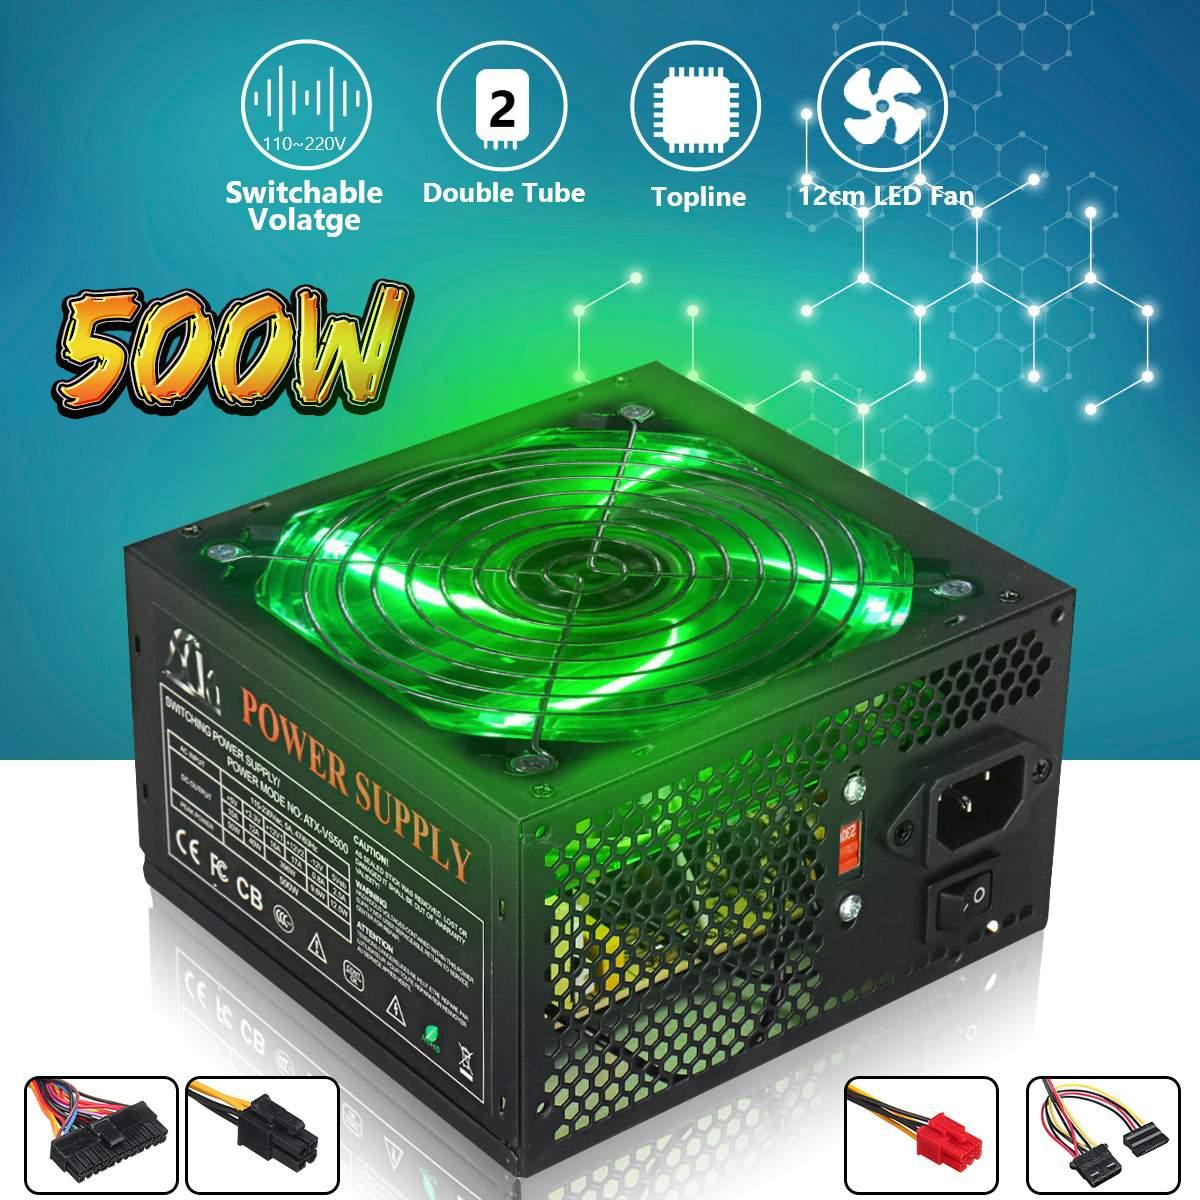 500W fonte de Alimentação 120 milímetros Fã LED 24 Pin PCI SATA 12V PC Computador ATX fonte de Alimentação para desktop de Jogos